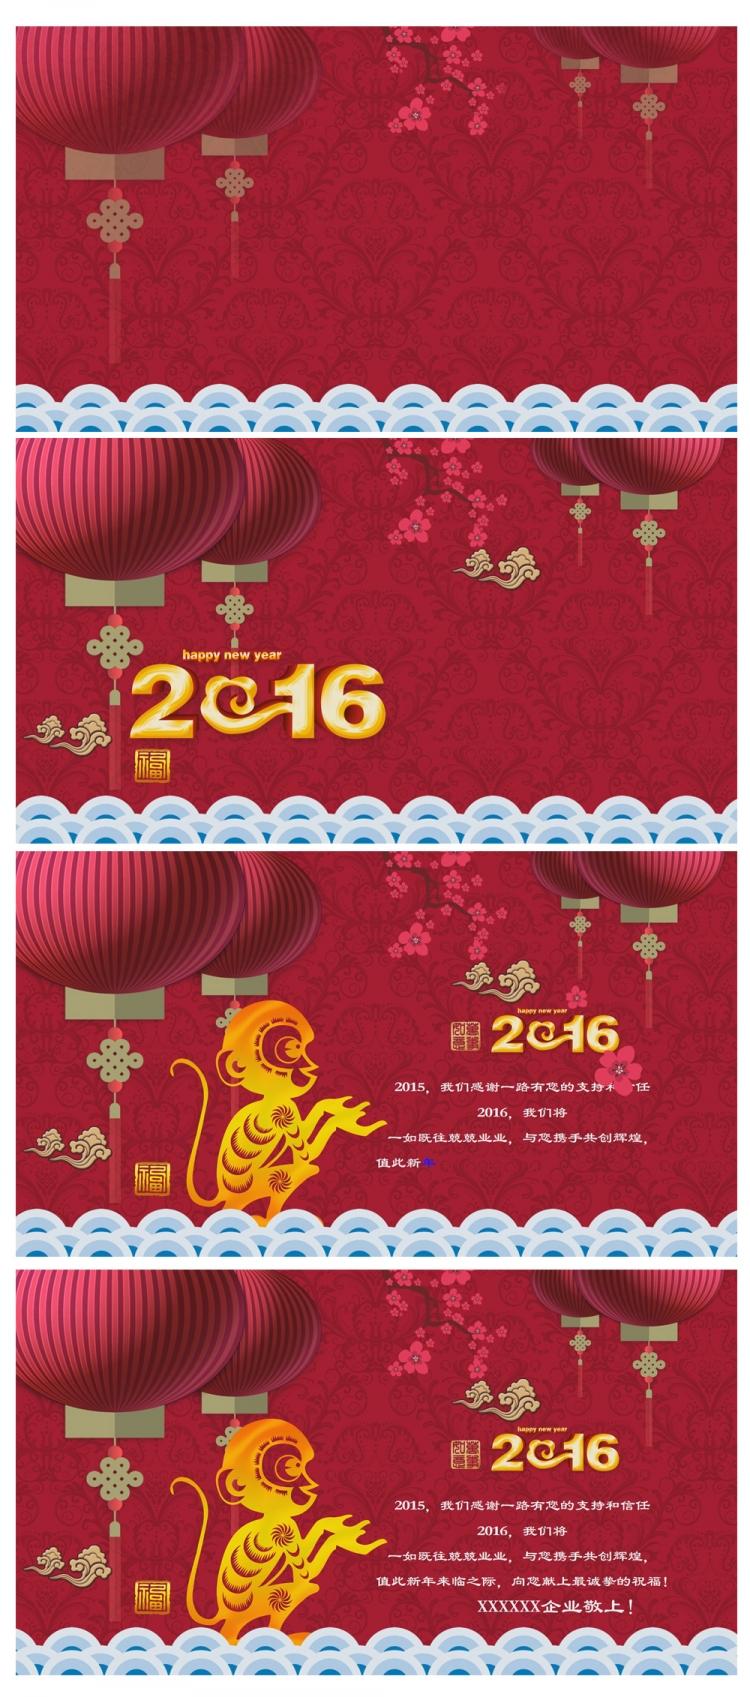 2016中国红剪纸贺卡ppt设计